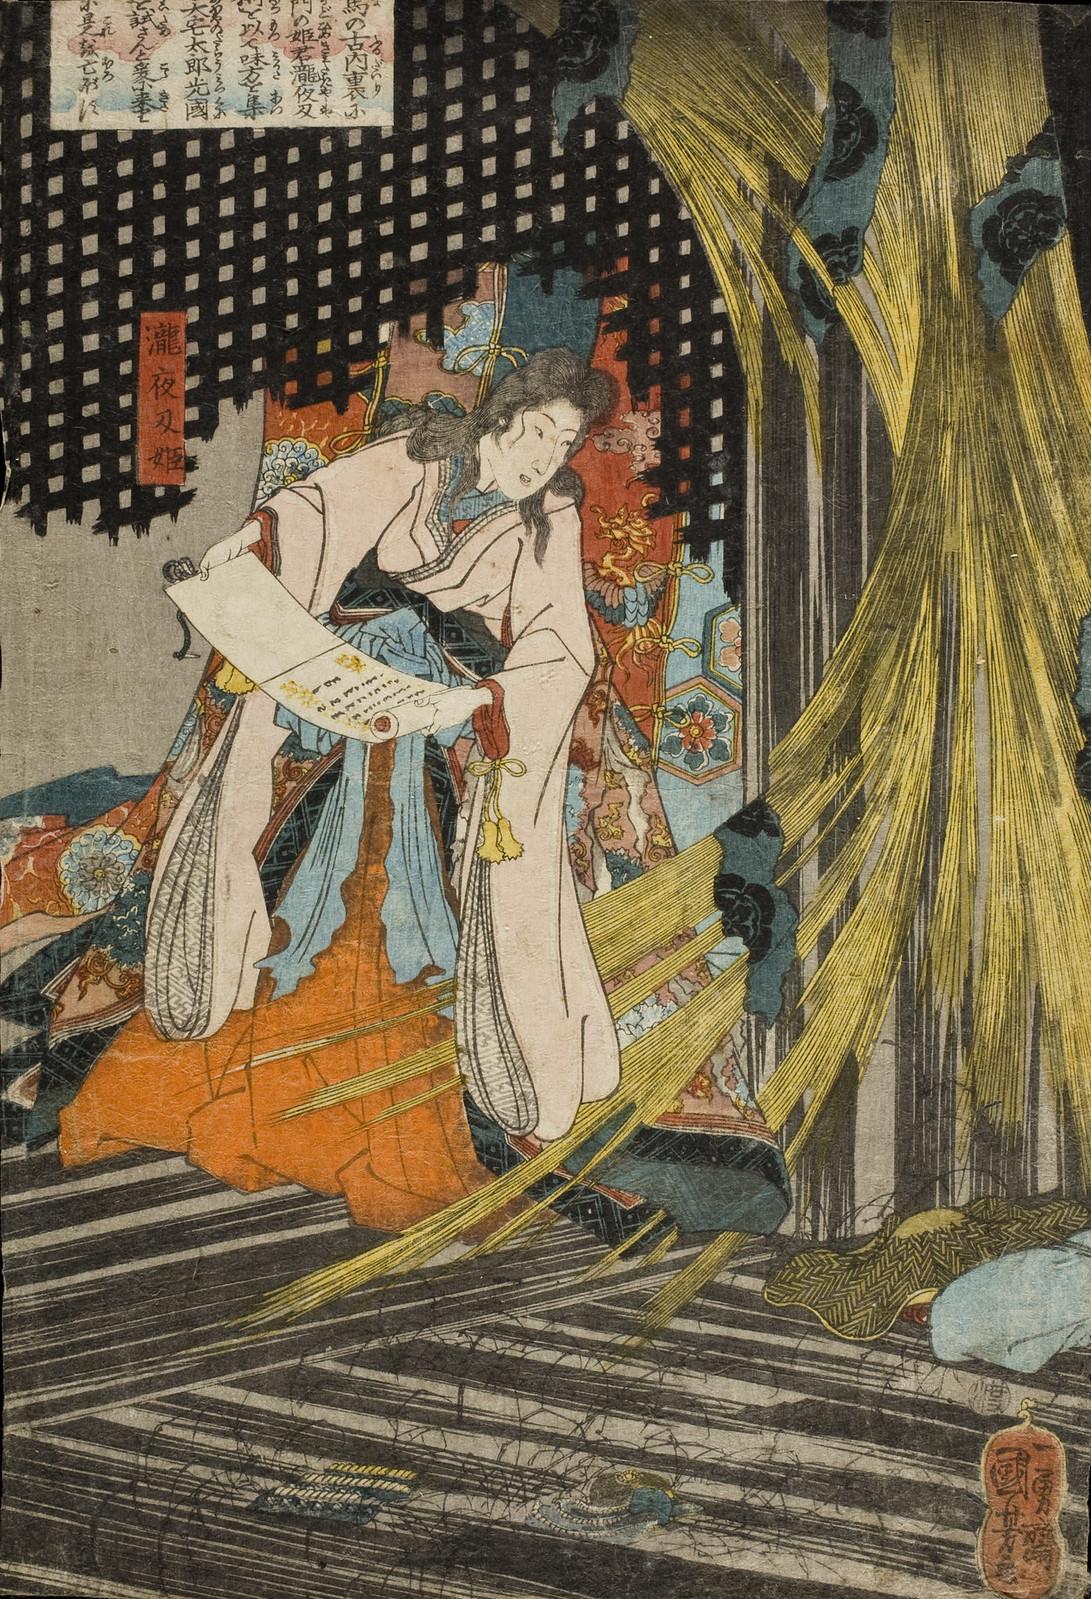 Utagawa Kuniyoshi - In the Ruined Palace at Sōma, Masakado's Daughter Takiyasha Uses Sorcery to Gather Allies 1844 (left panel)